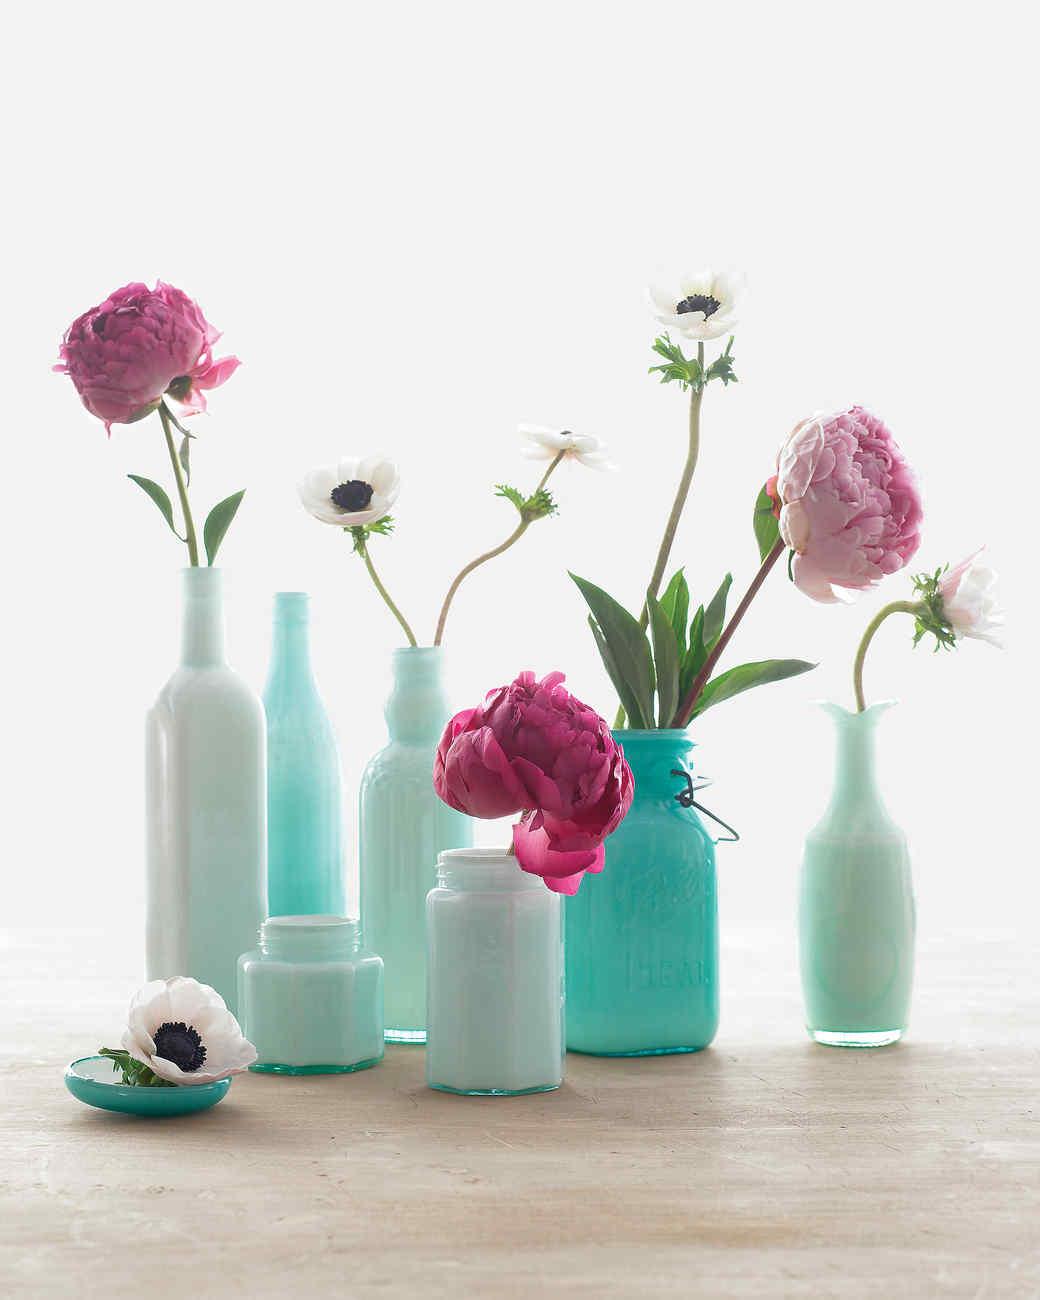 d coration bouteille en verre comment customiser vos bouteilles de fa on originale. Black Bedroom Furniture Sets. Home Design Ideas